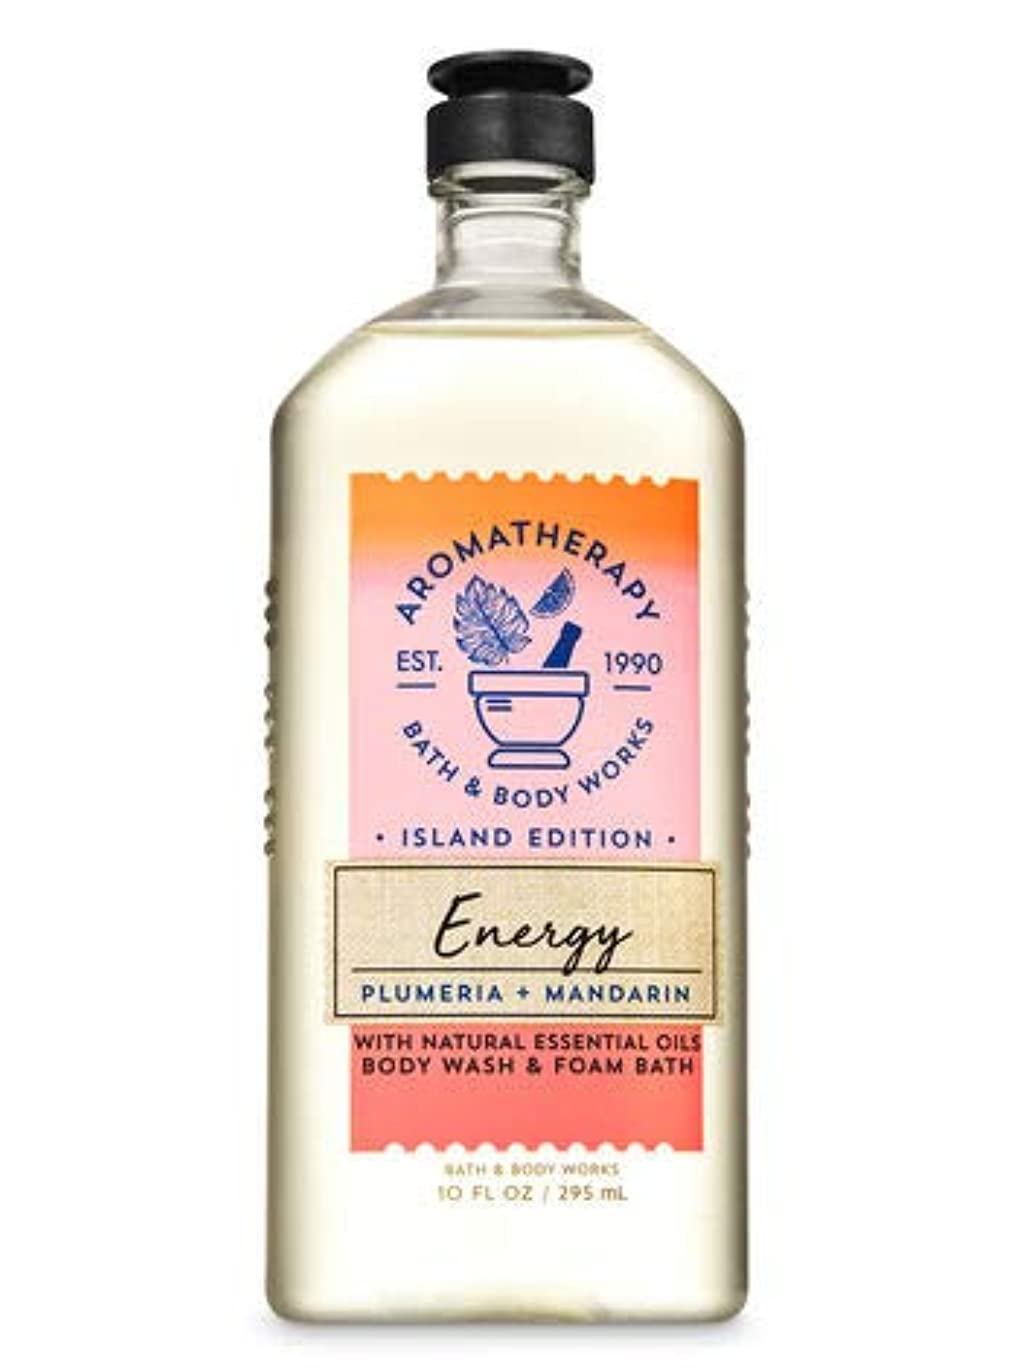 長方形定説選出する【Bath&Body Works/バス&ボディワークス】 ボディウォッシュ&フォームバス アロマセラピー エナジー プルメリアマンダリン Body Wash & Foam Bath Aromatherapy Island Edition Energy Plumeria & Mandarin 10 fl oz / 295 mL [並行輸入品]